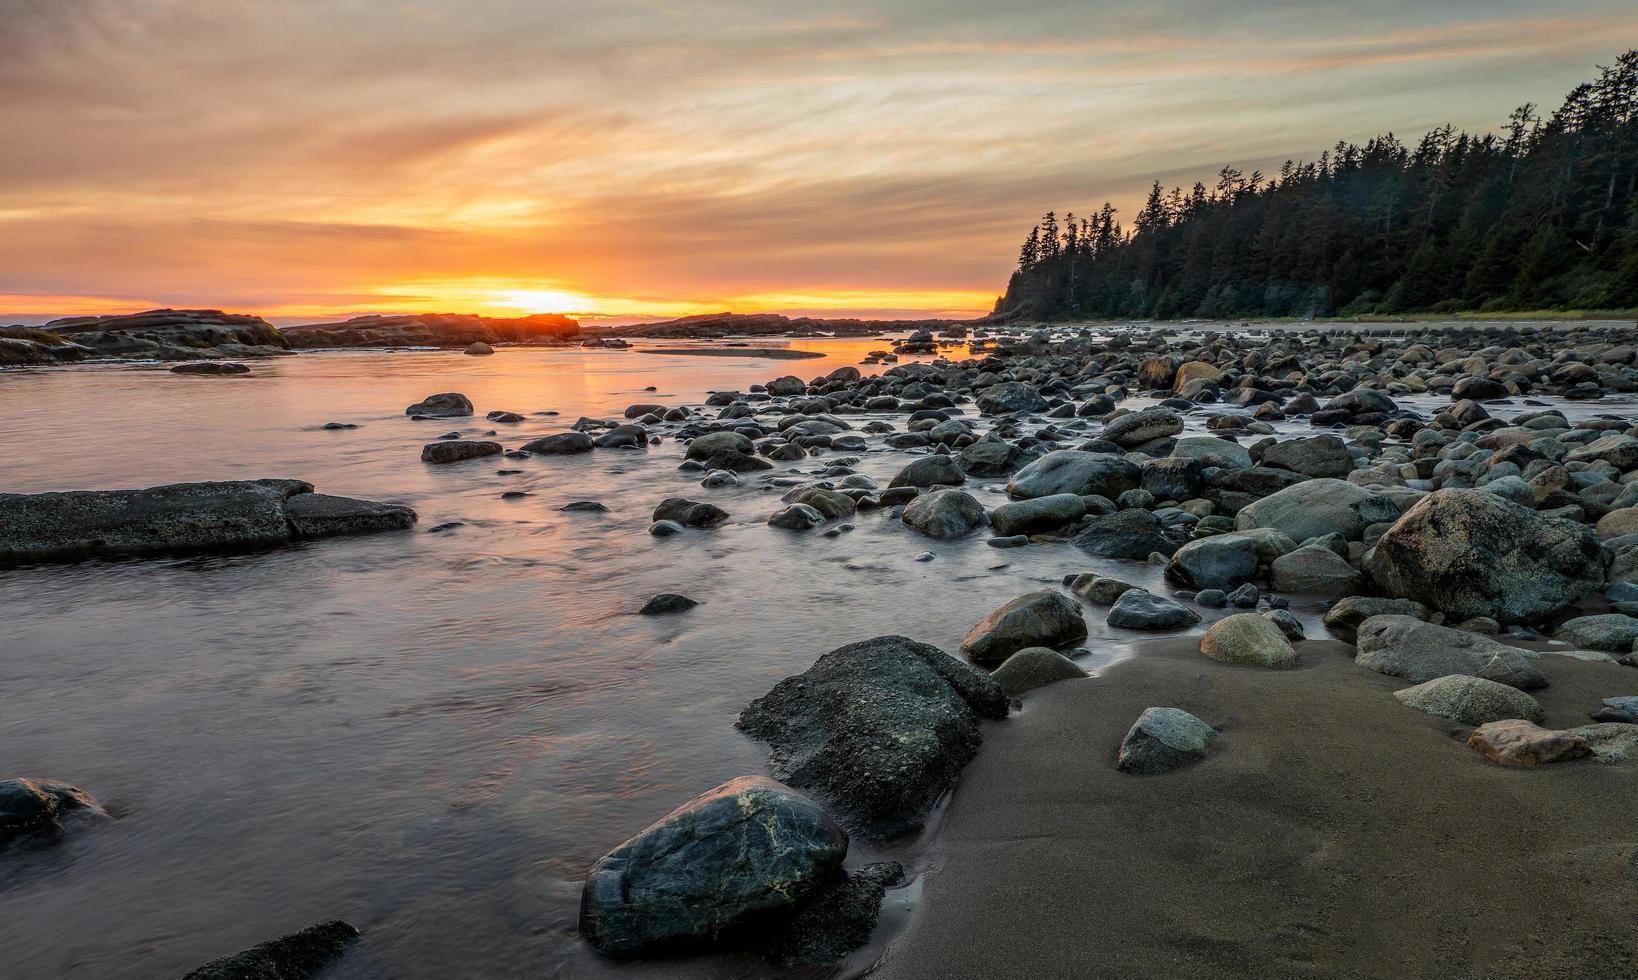 costa rocciosa durante il tramonto foto